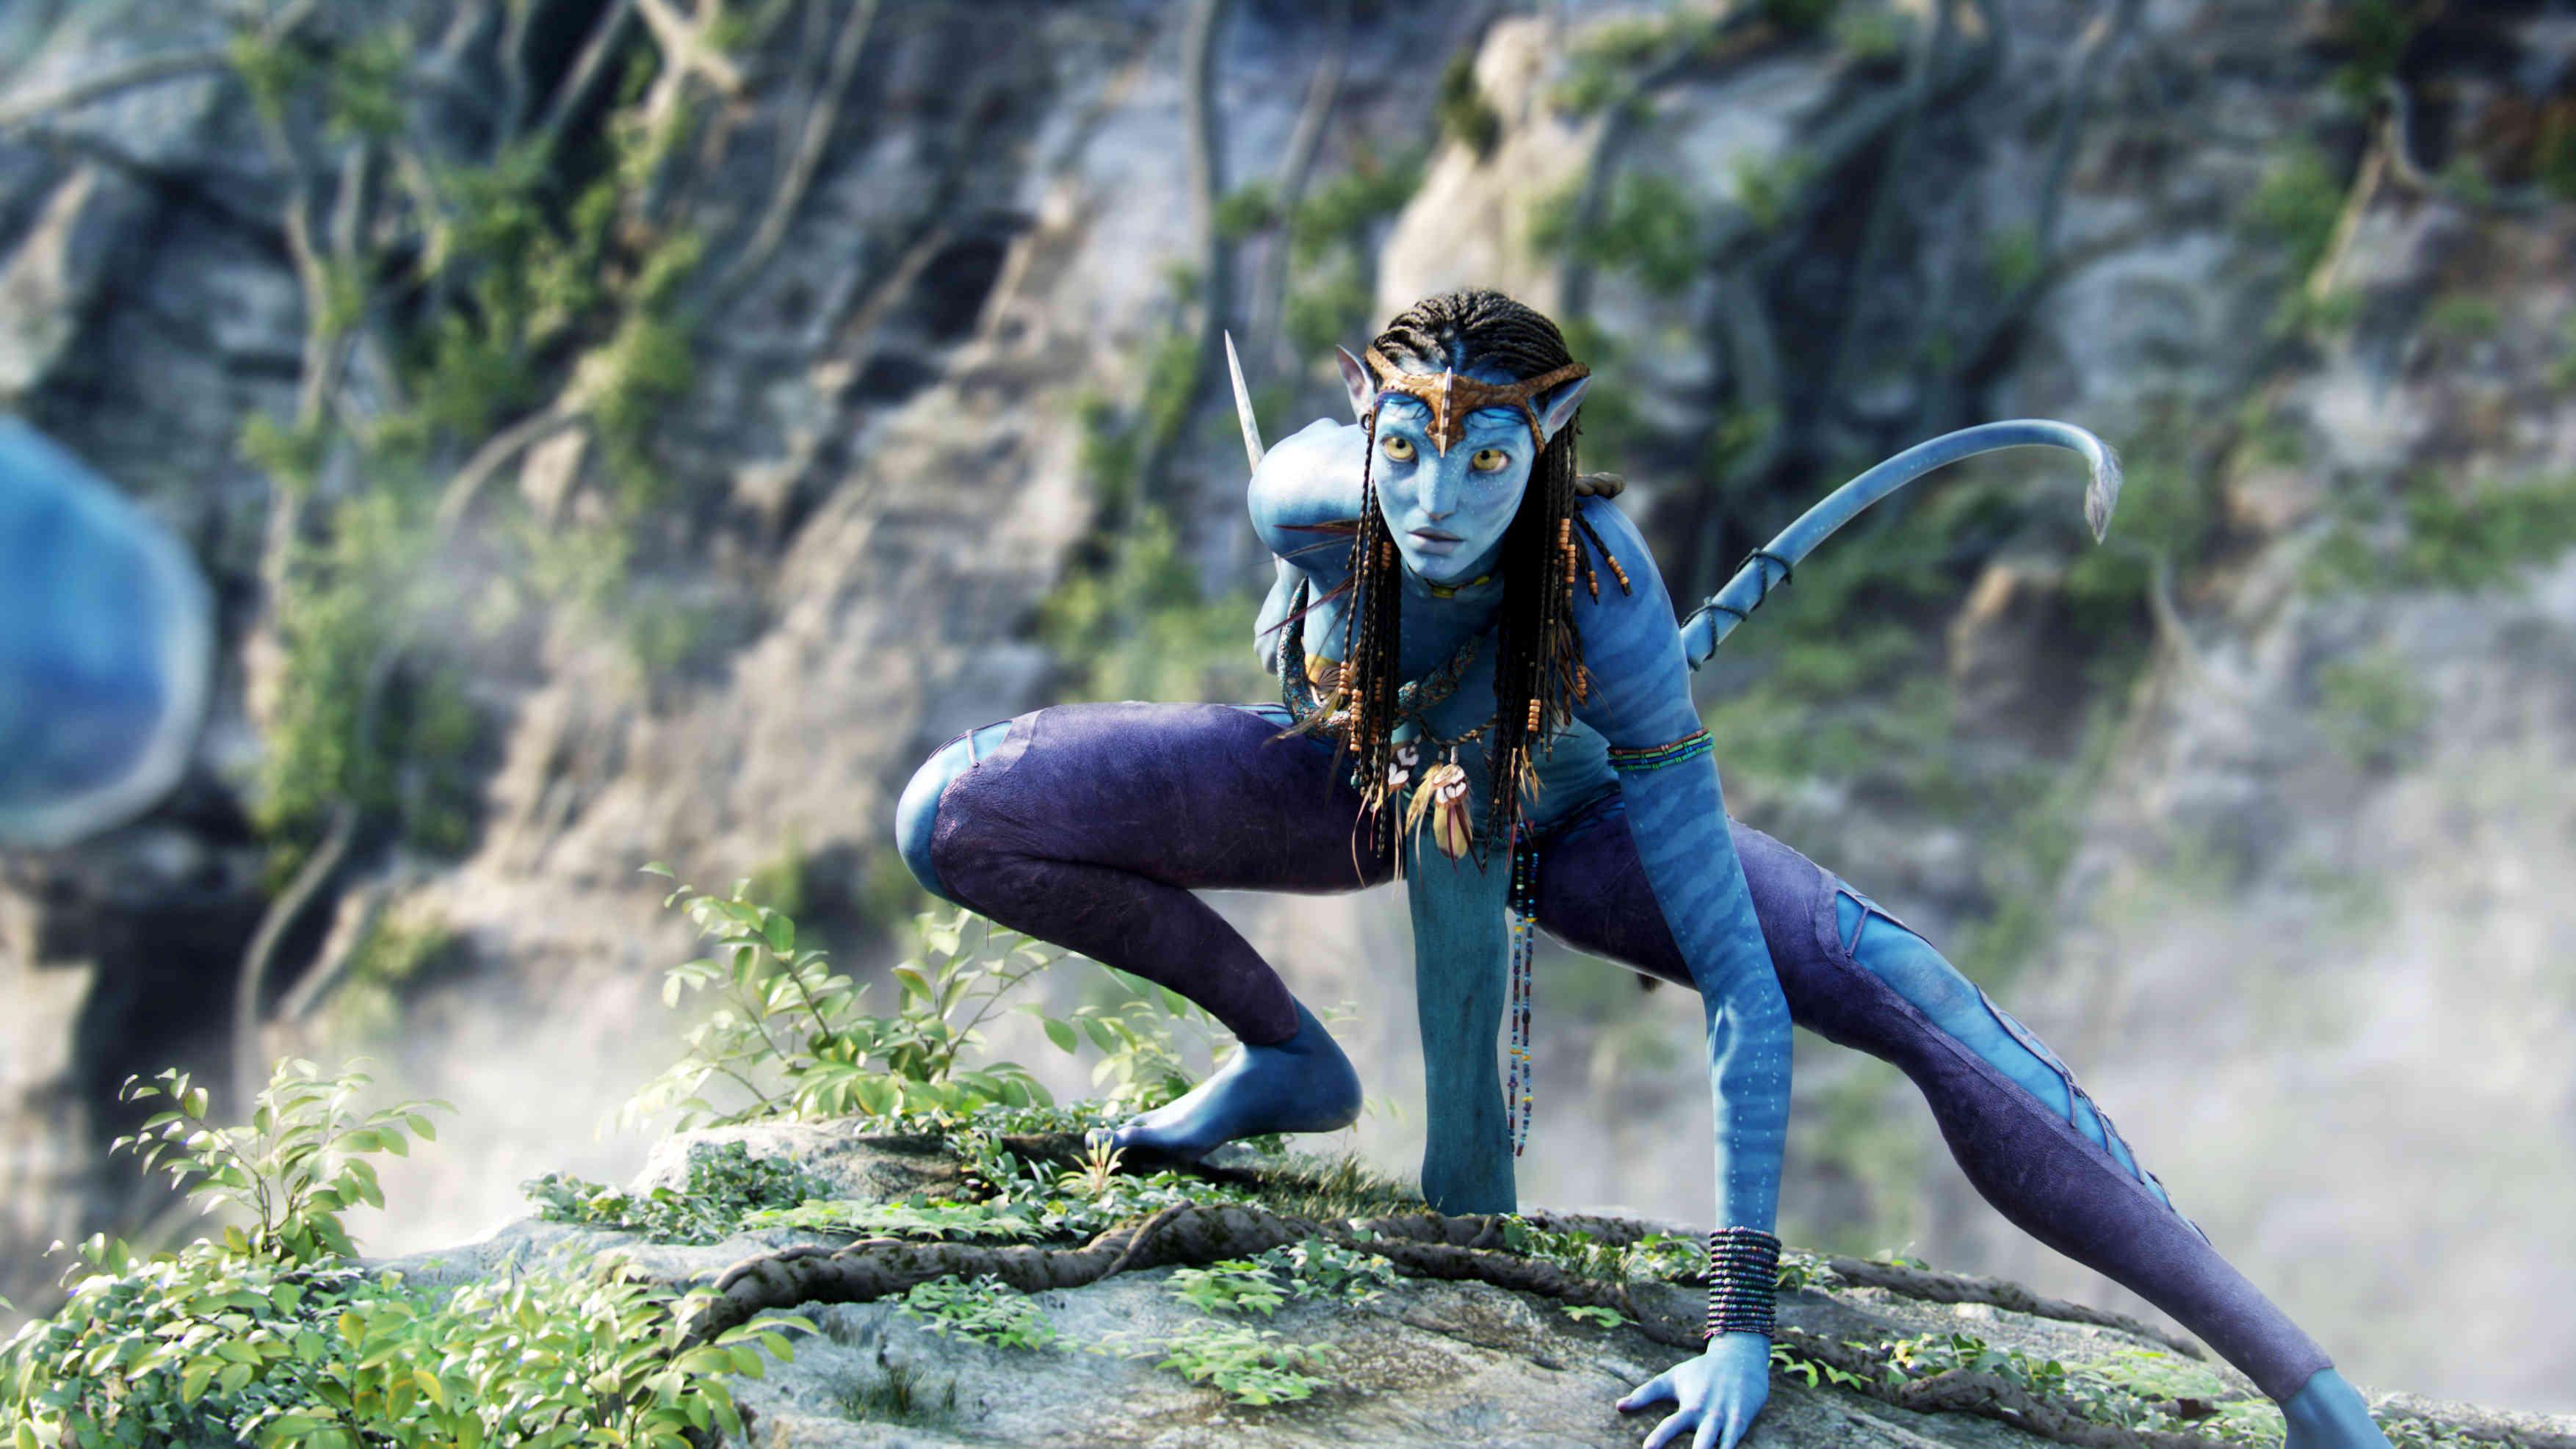 Secuela de 'Avatar' se estrenará en 2017